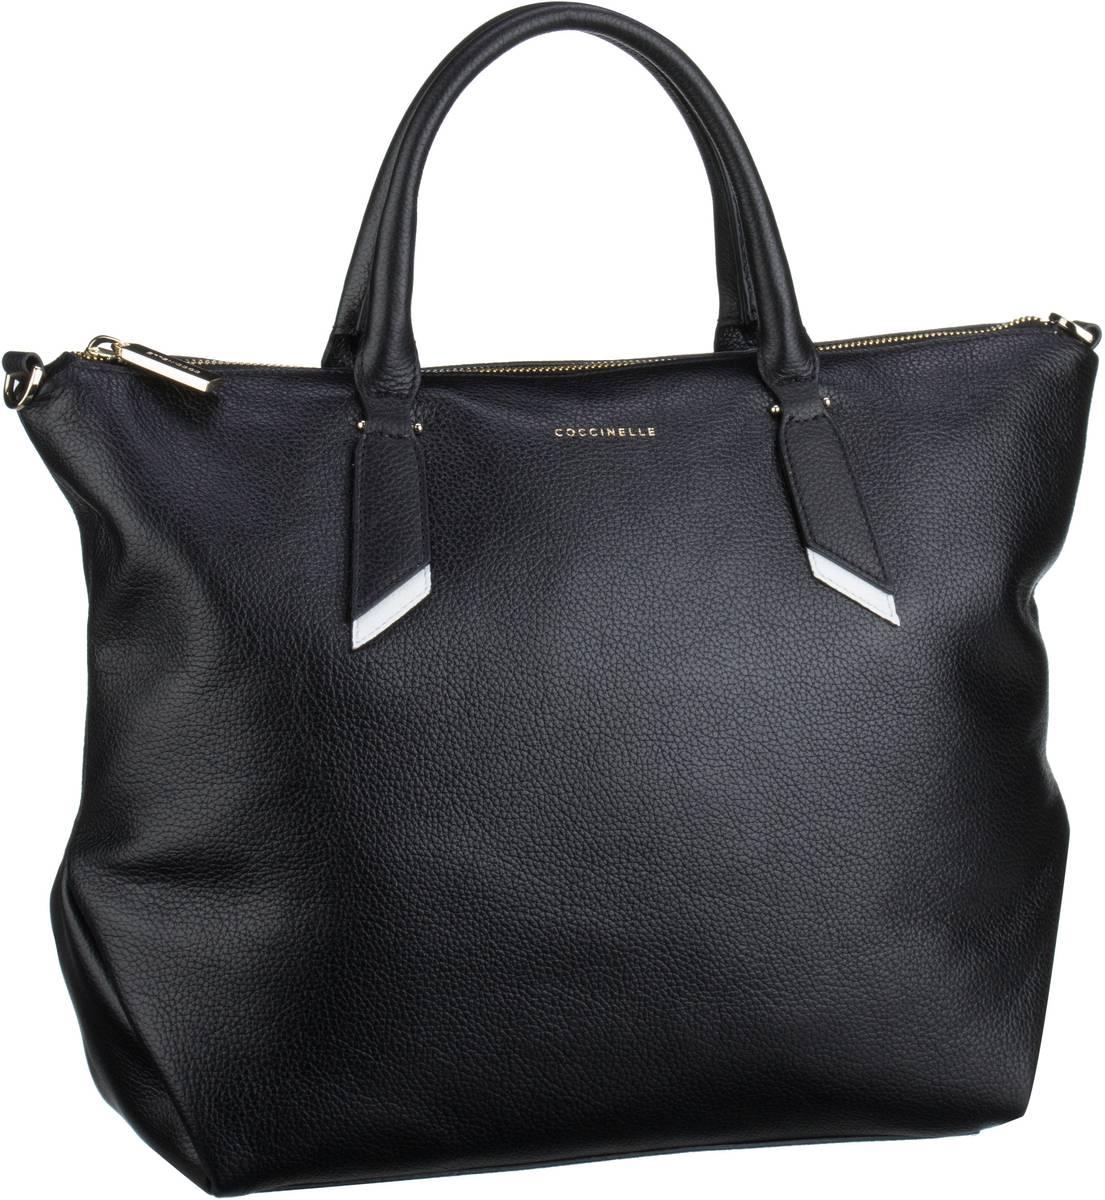 Handtasche Iphigenie 1801 Noir/Blanche